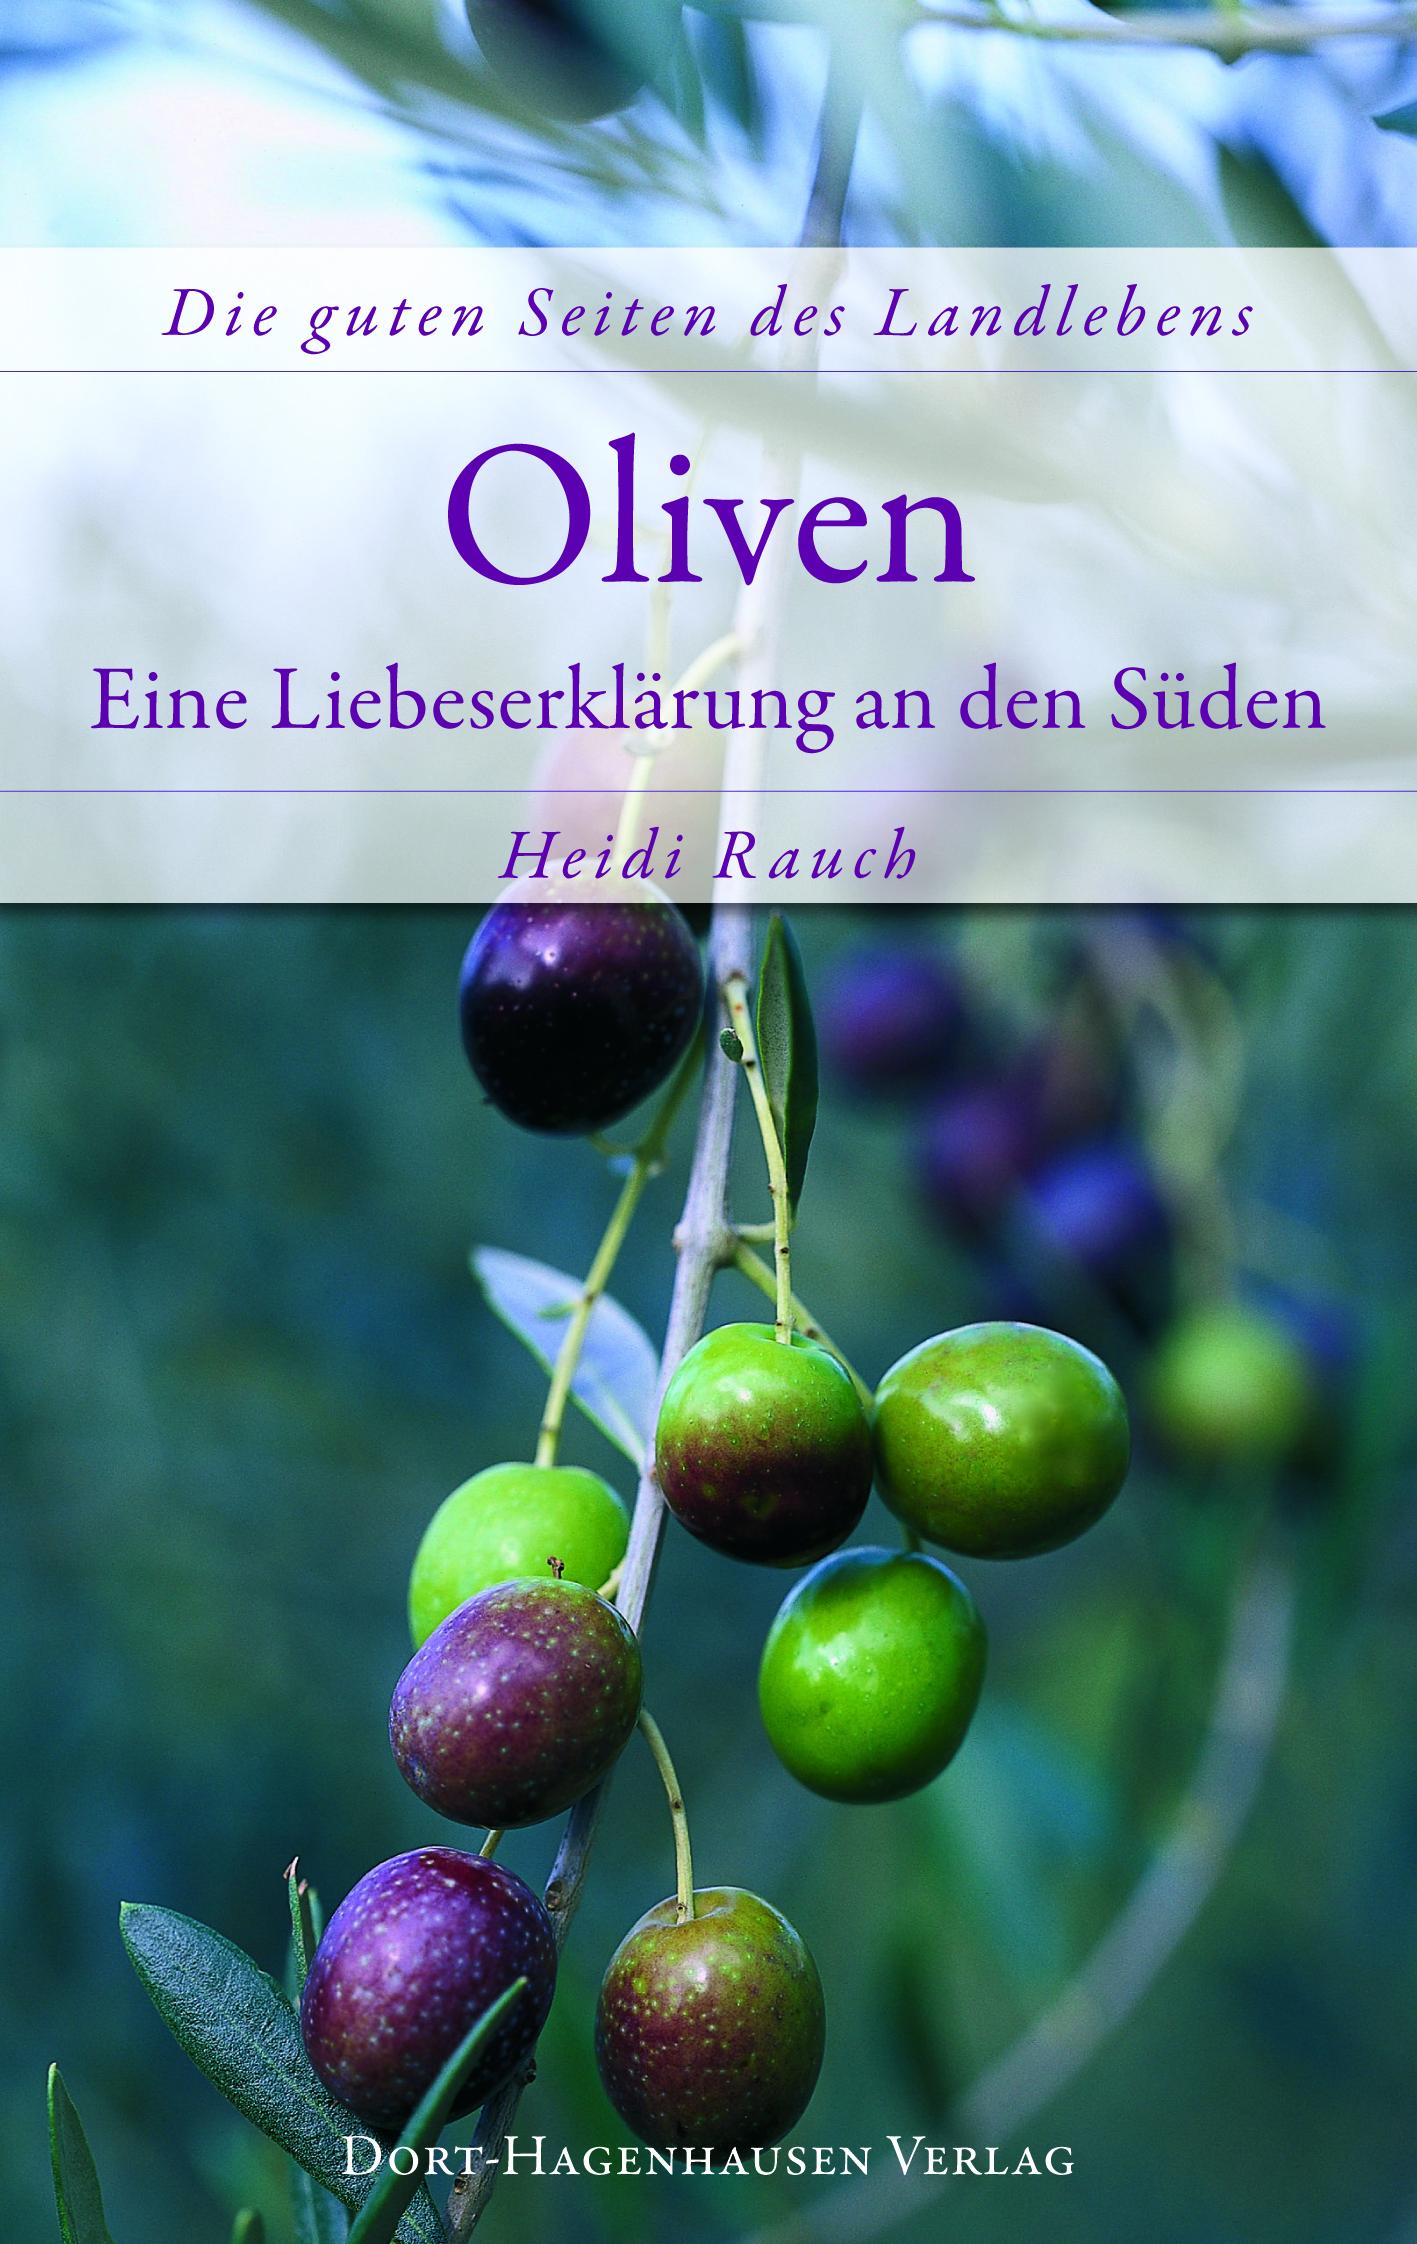 Das Cover meines Genuss-Buches, das am 18. März 2015 erscheinen wird.